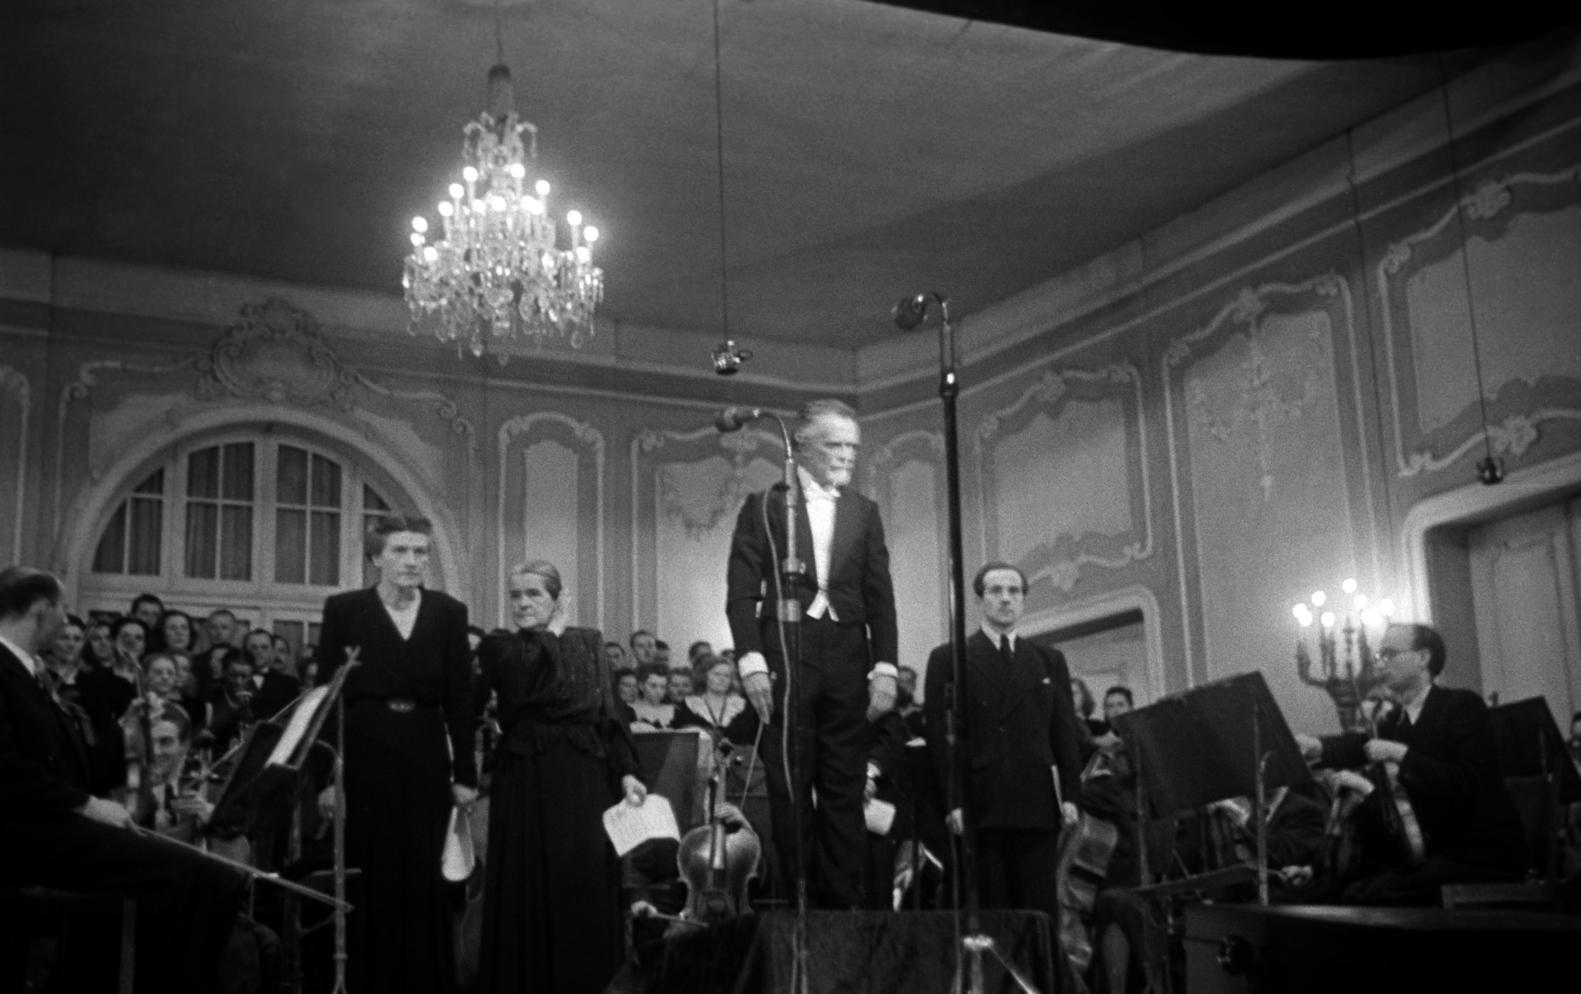 Budapest, 1946. március 15. Kodály Zoltán zeneszerző (j2, áll), Báthy Anna operaénekesnő (szoprán) (b1, áll), Basilides Mária operaénekesnő (alt) (b2, áll) és Rissay Pál operaénekes (basszus) (j1, áll) a tapsot fogadják. Kodály Zoltán: Budavári Te Deumja hangzott el a Székesfővárosi Zenekar és a BHTV Liszt Ferenc Énekkar előadásában, a szerző vezényletével a Nemzeti Bizottság március 15-i ünnepségének díszelőadásán a Nemzeti Színházban. MTI Fotó/MAFIRT: -